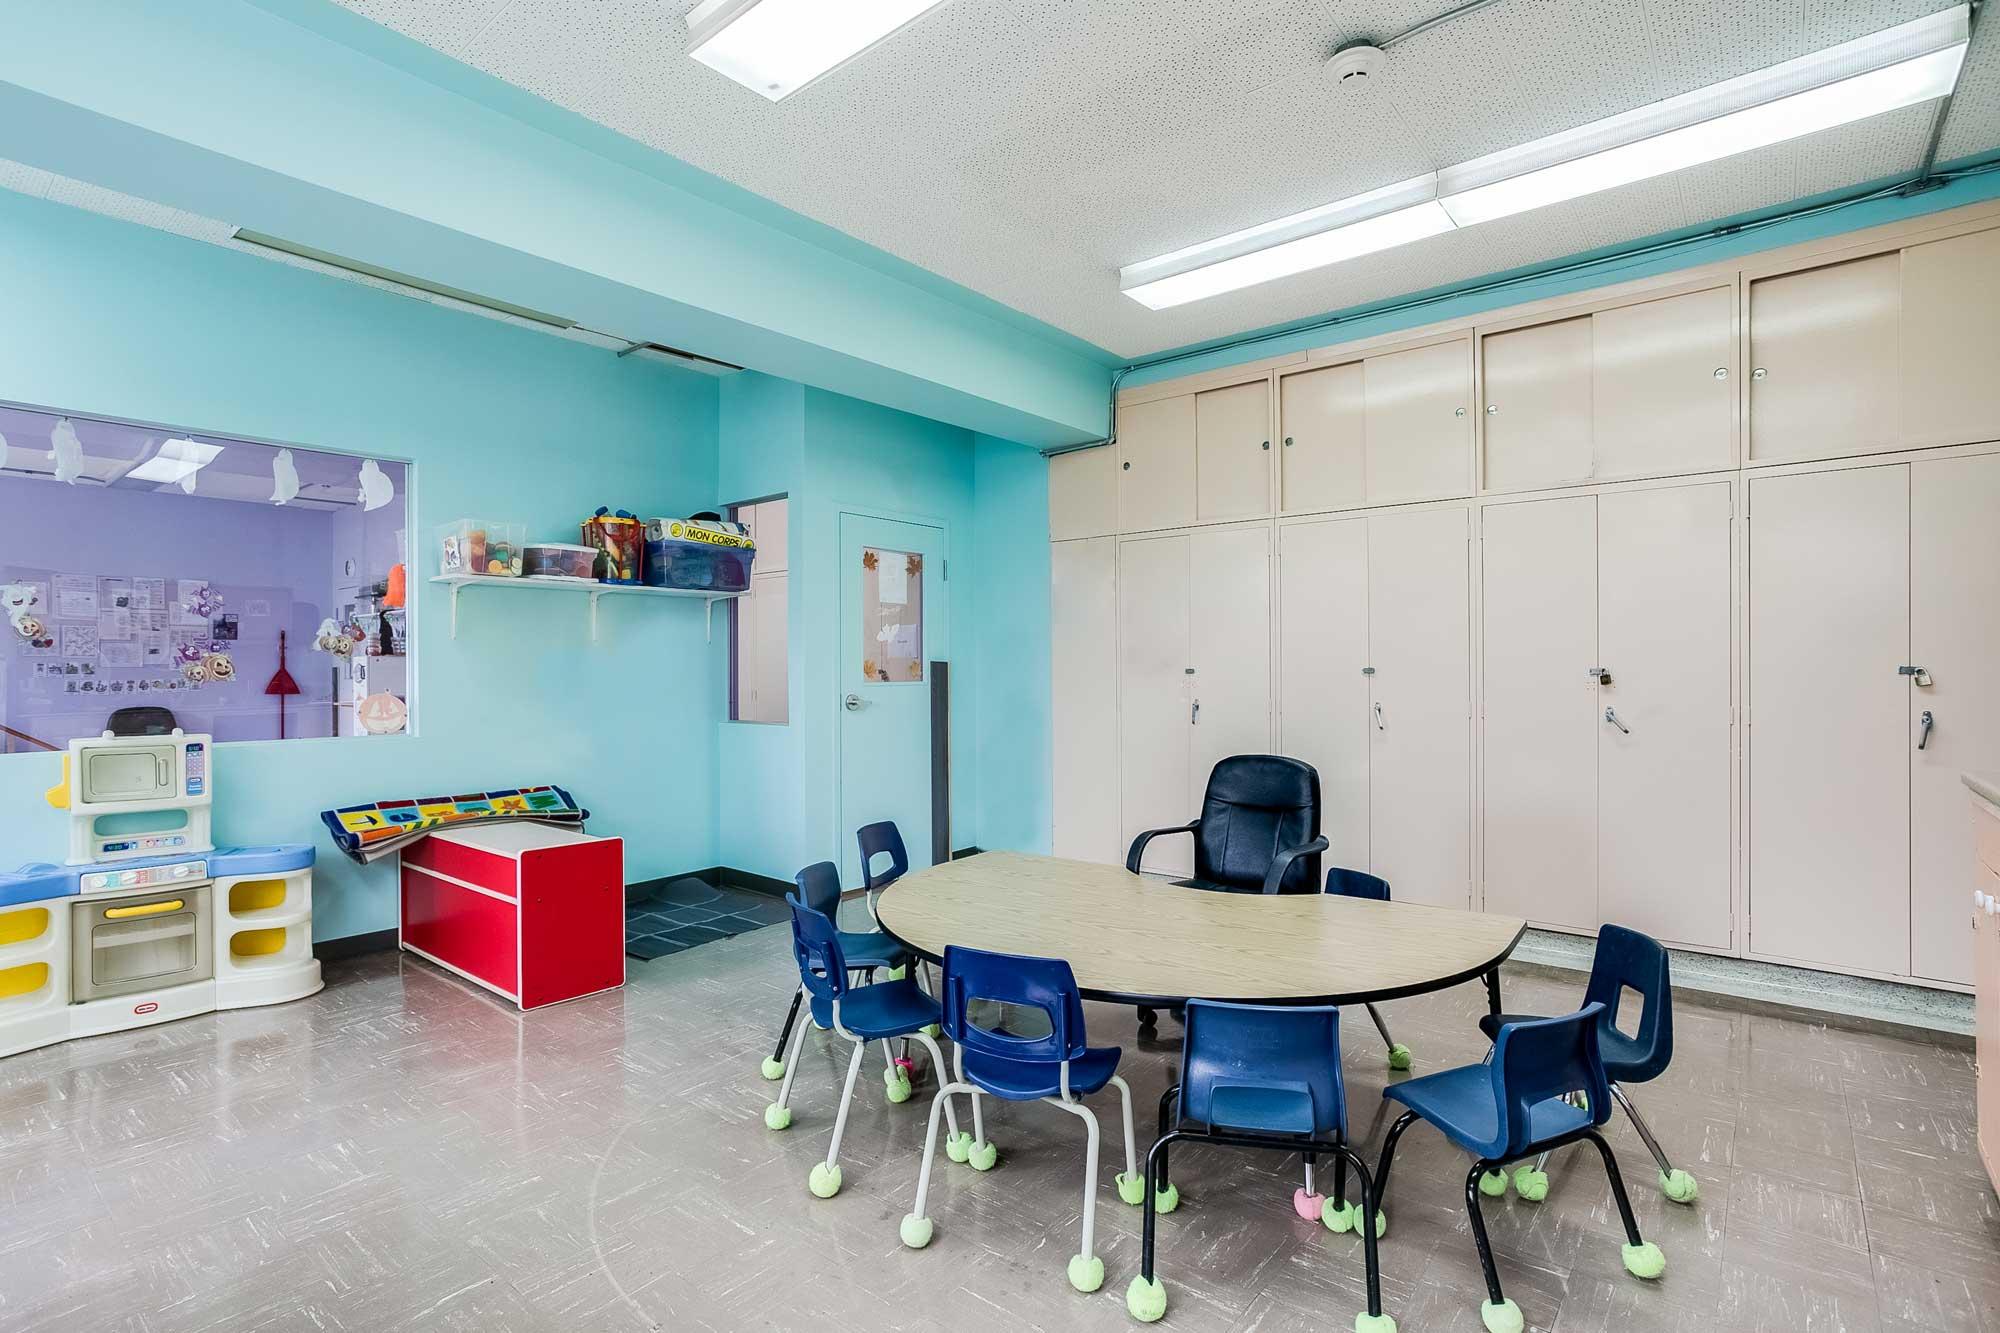 local de garderie rénové avec table, chaises et armoires qui barrent